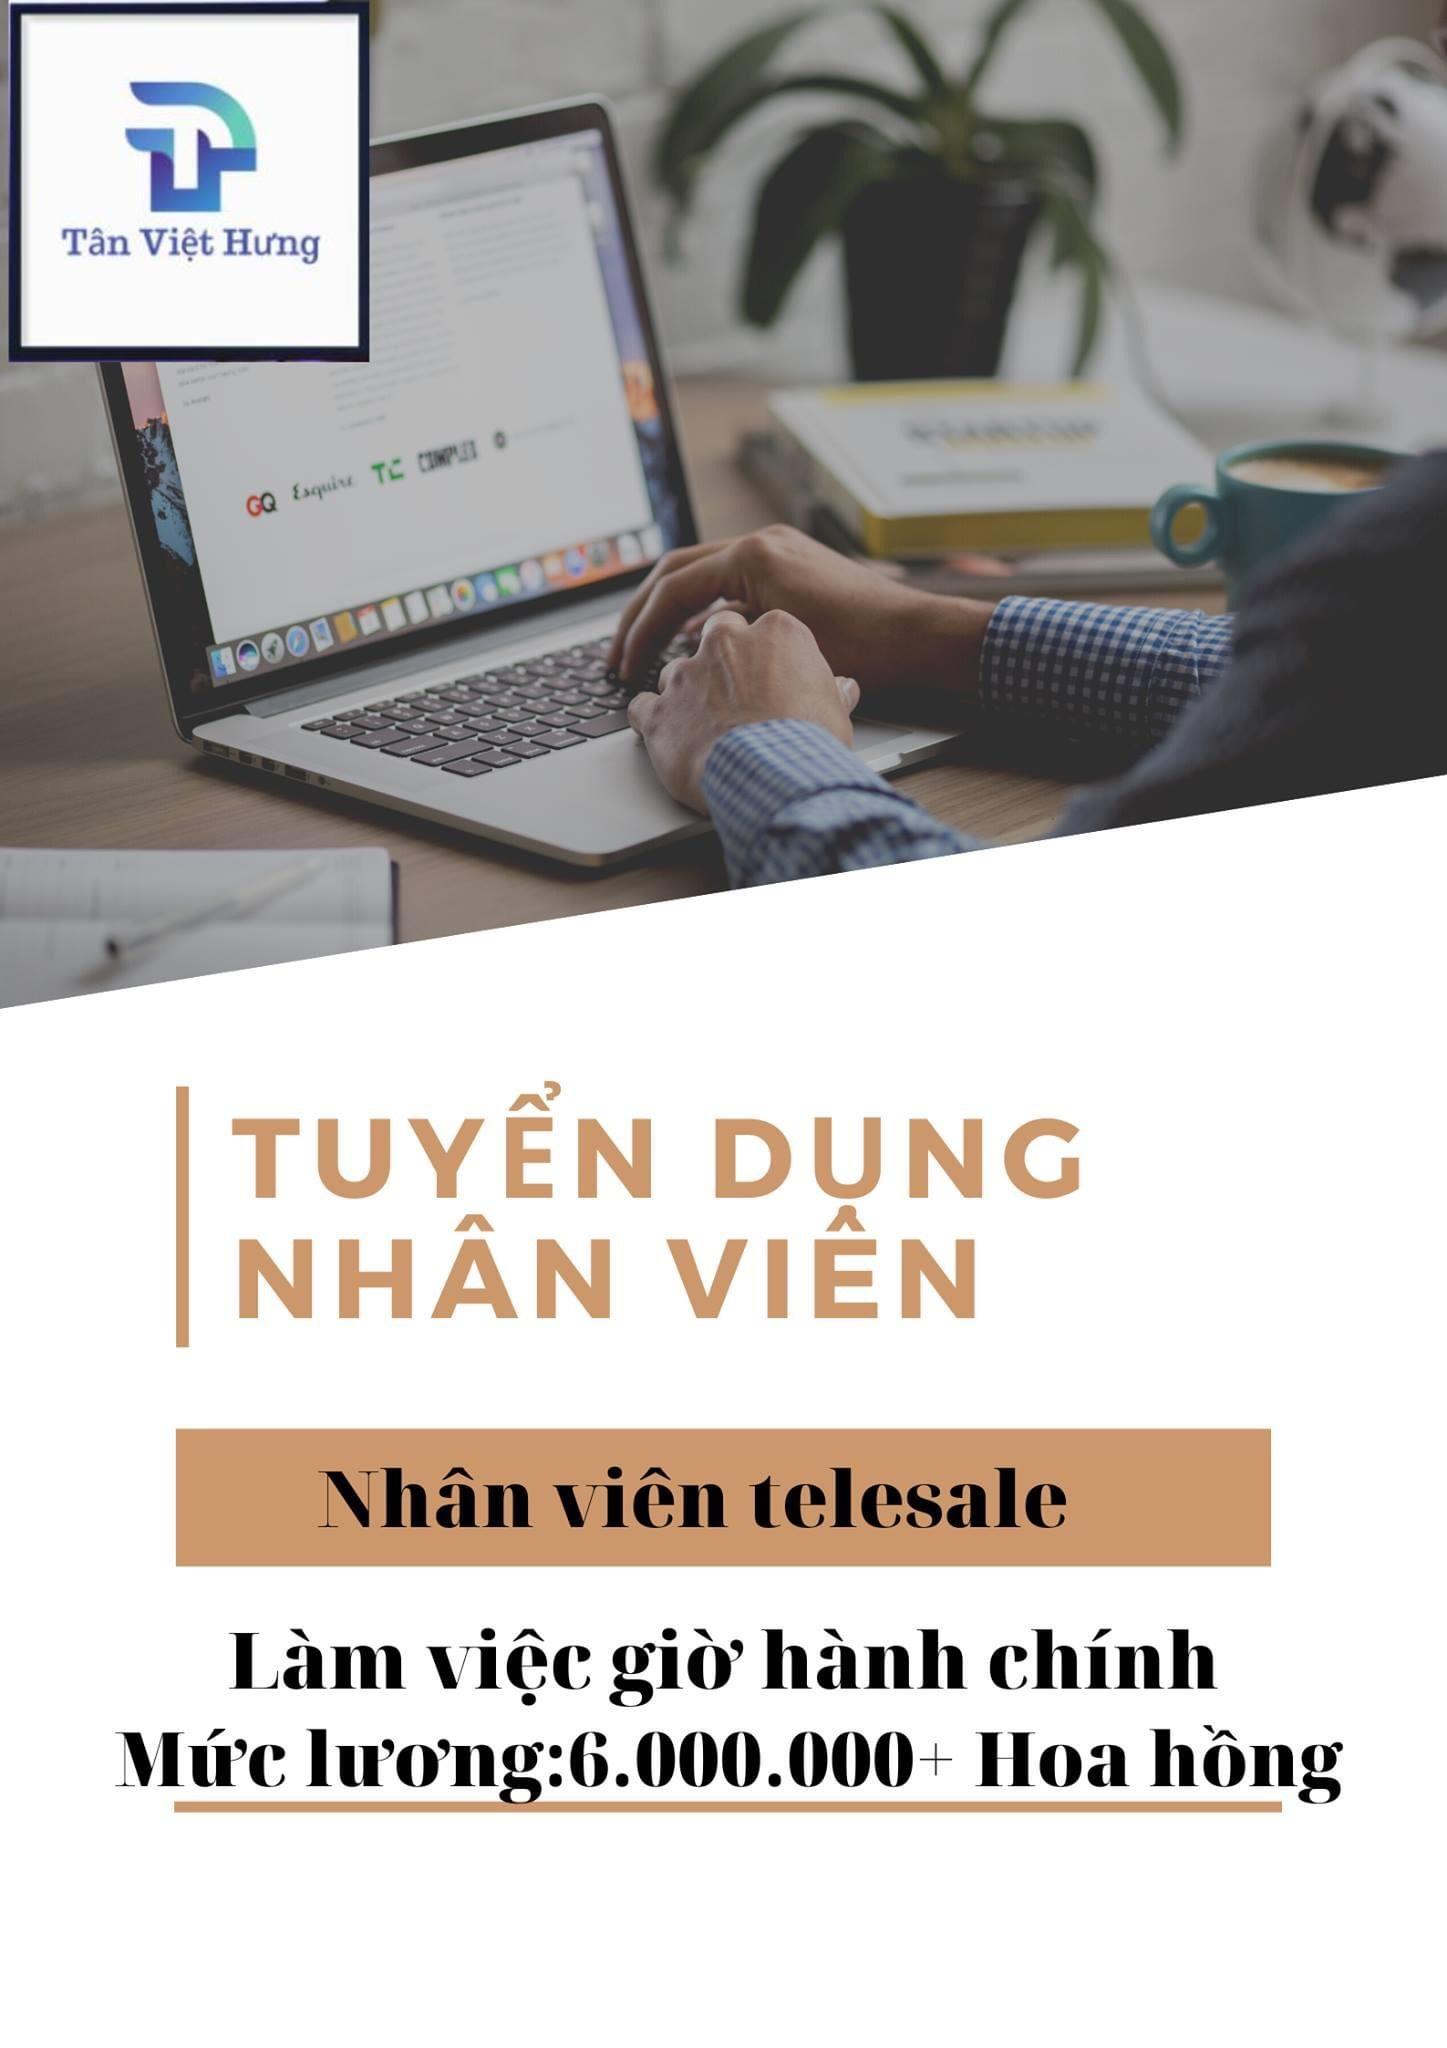 Công Ty TNHH Thương Mại Dịch Vụ Tân Việt Hưng